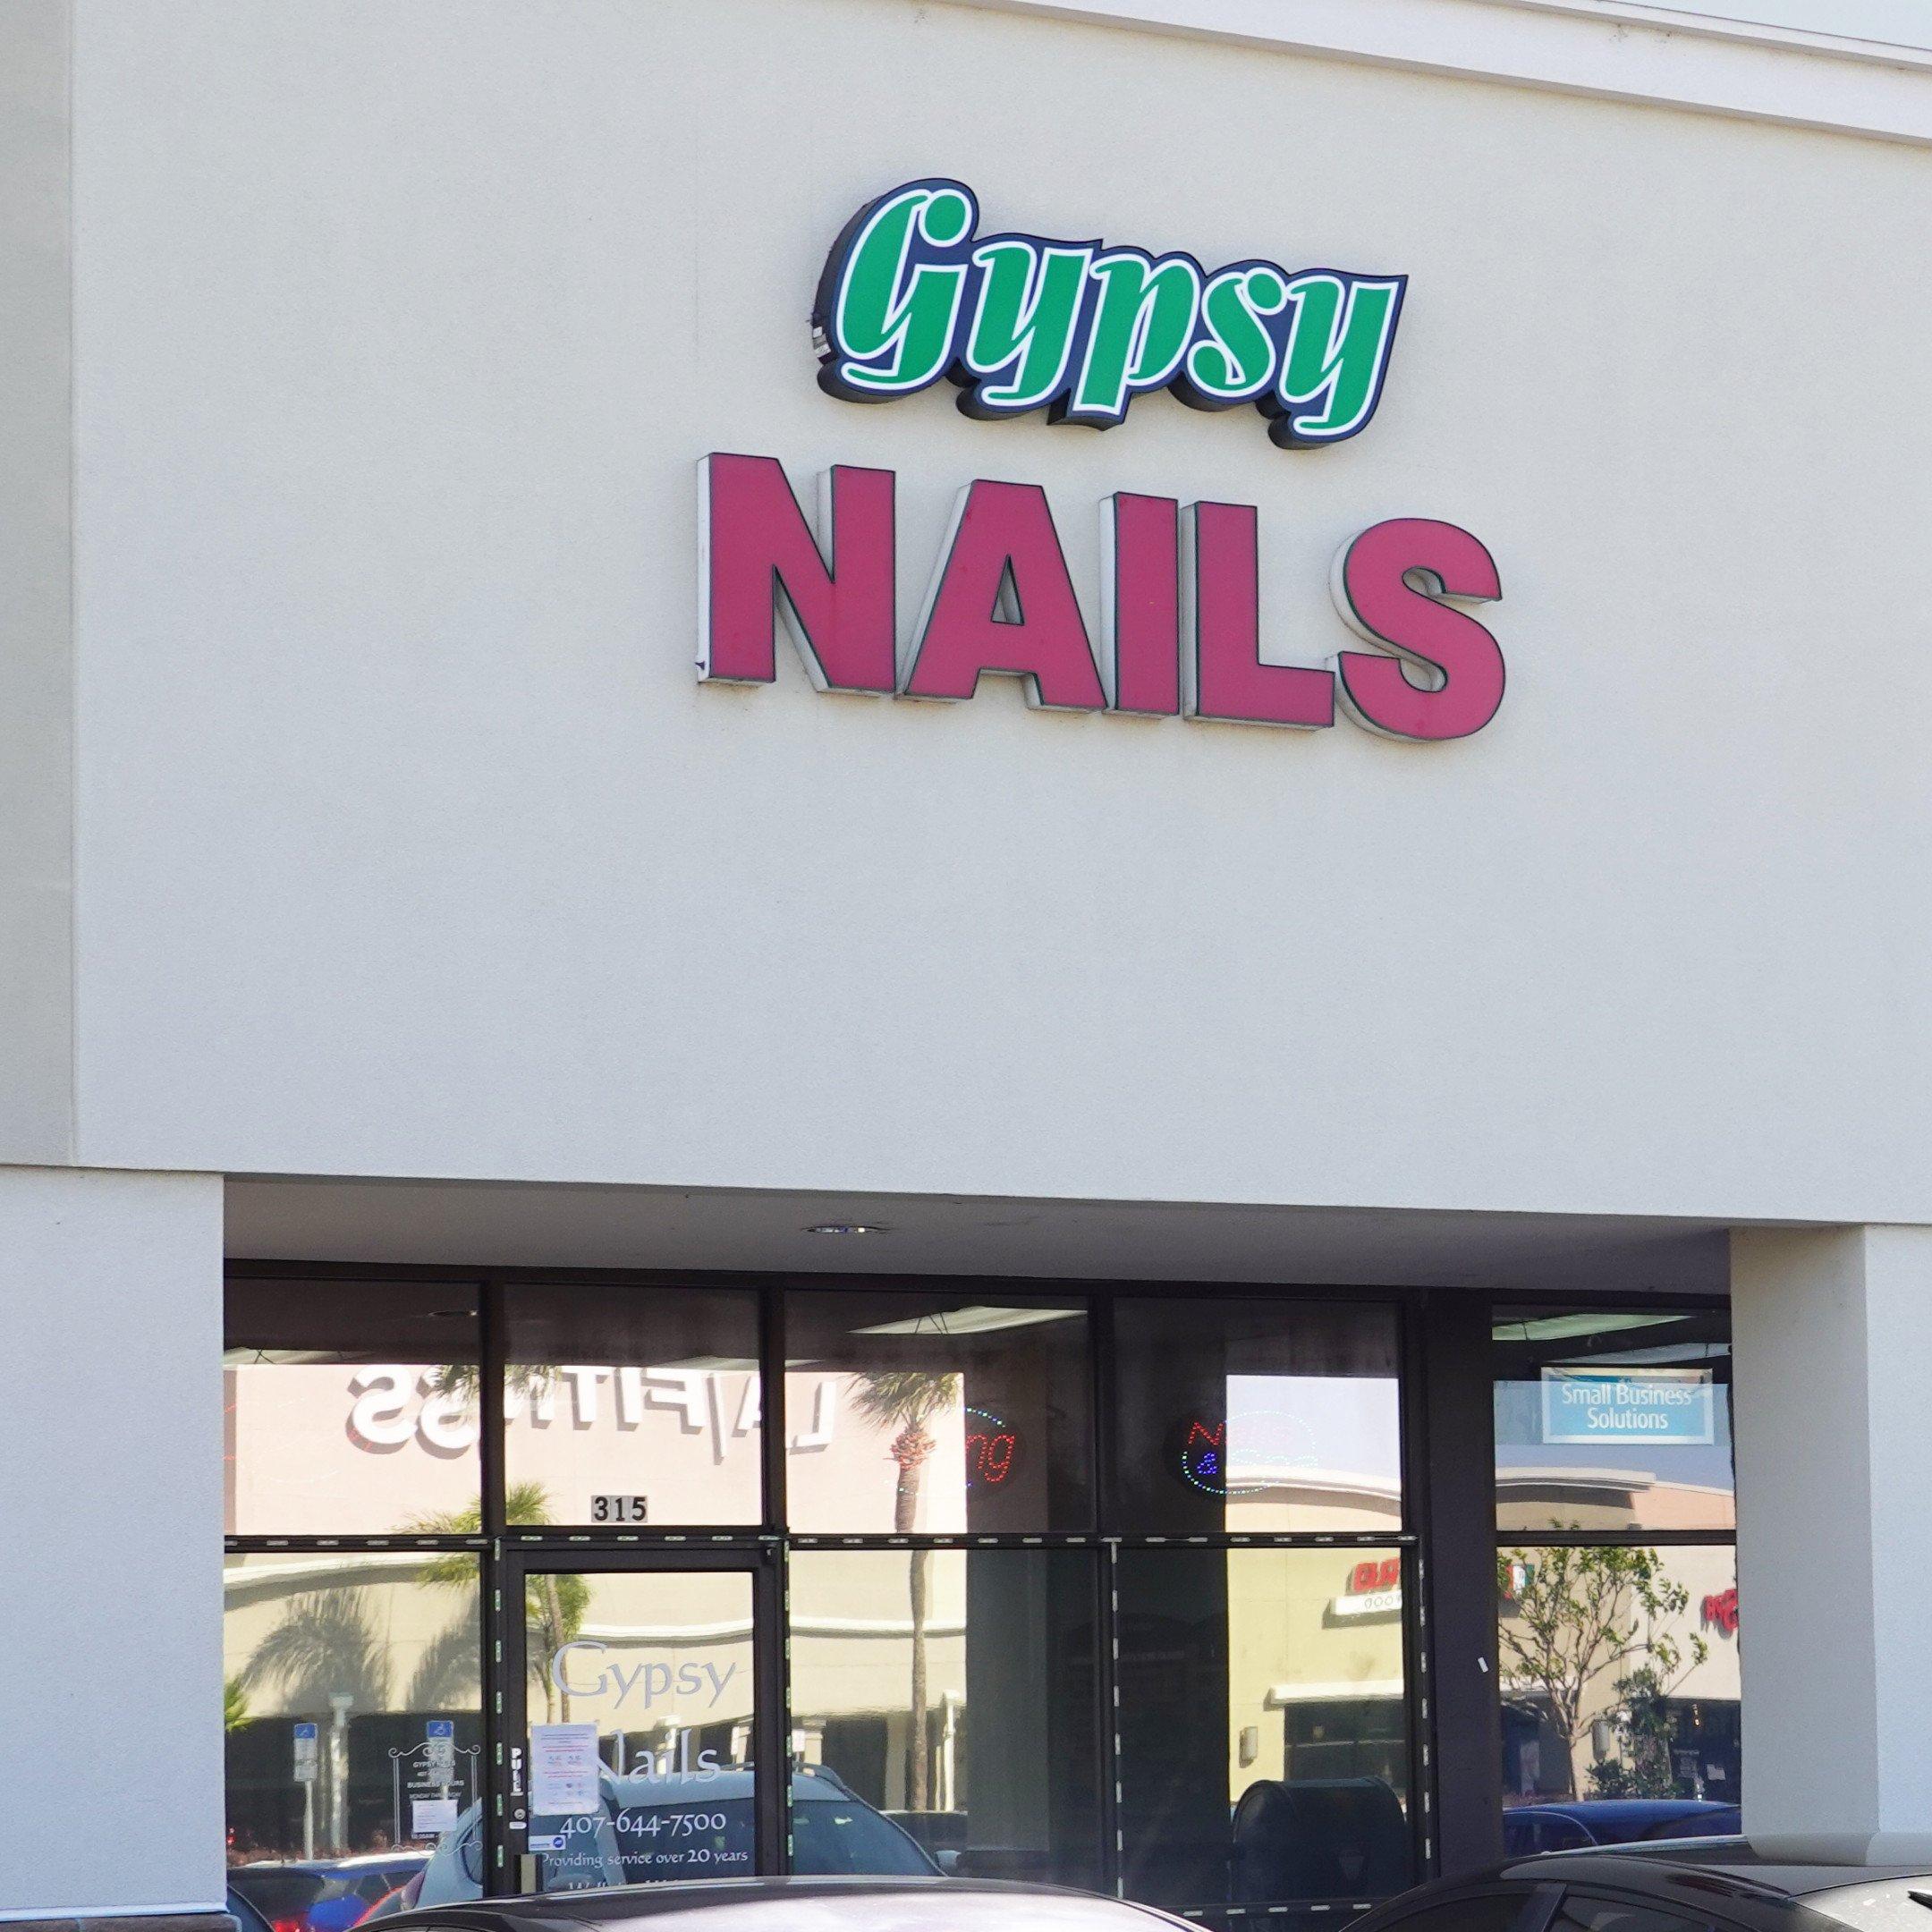 Gypsy Nails